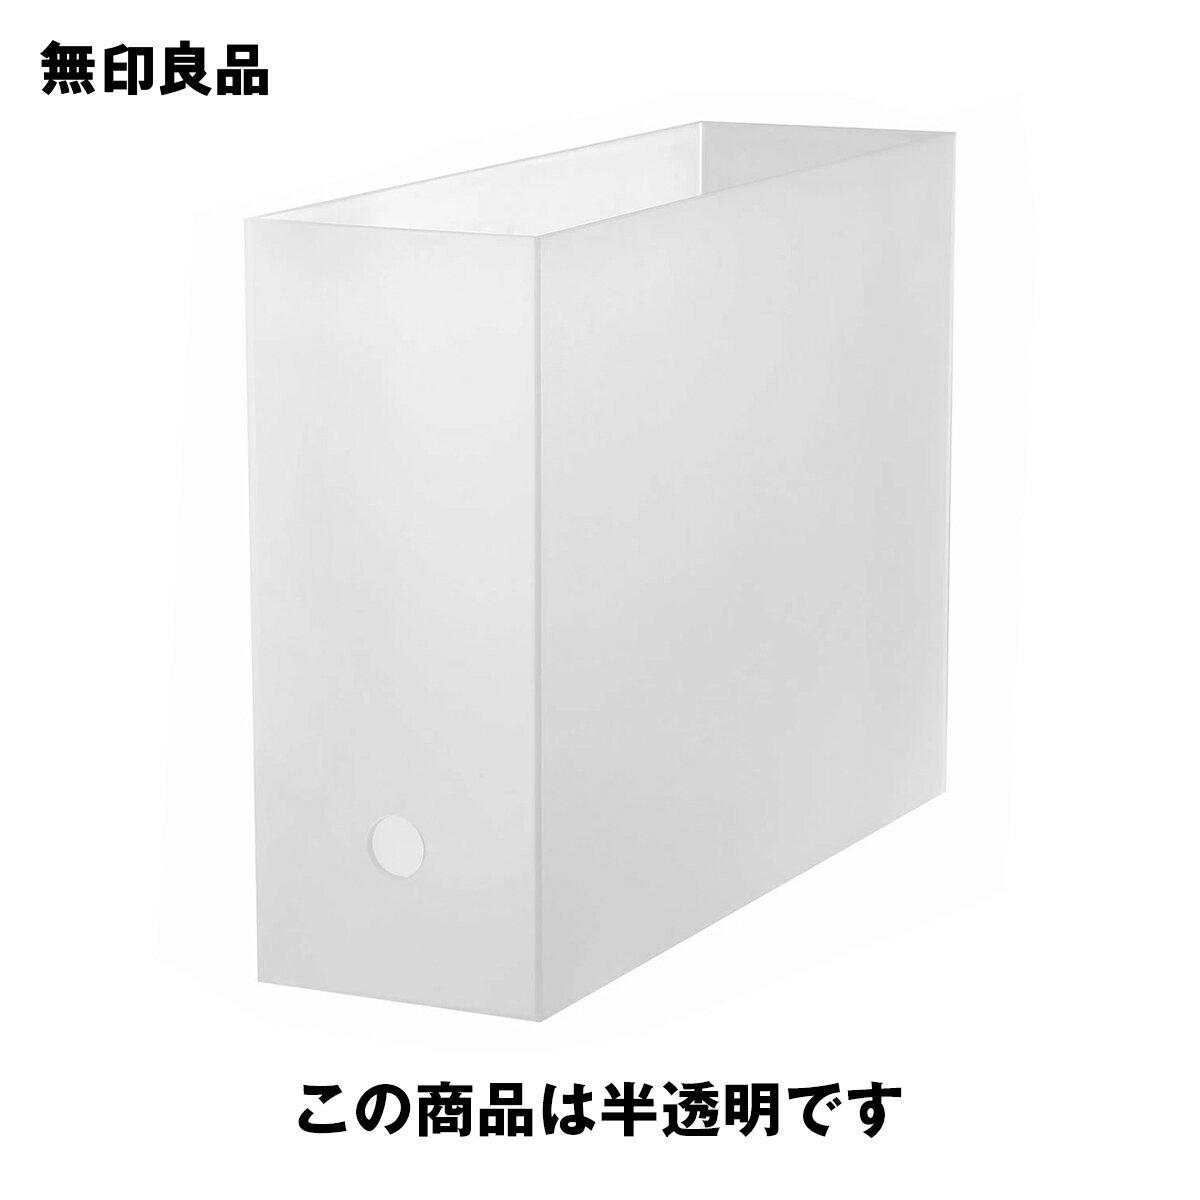 【無印良品 公式】 ポリプロピレンファイルボックス・スタンダードタイプ・A4用